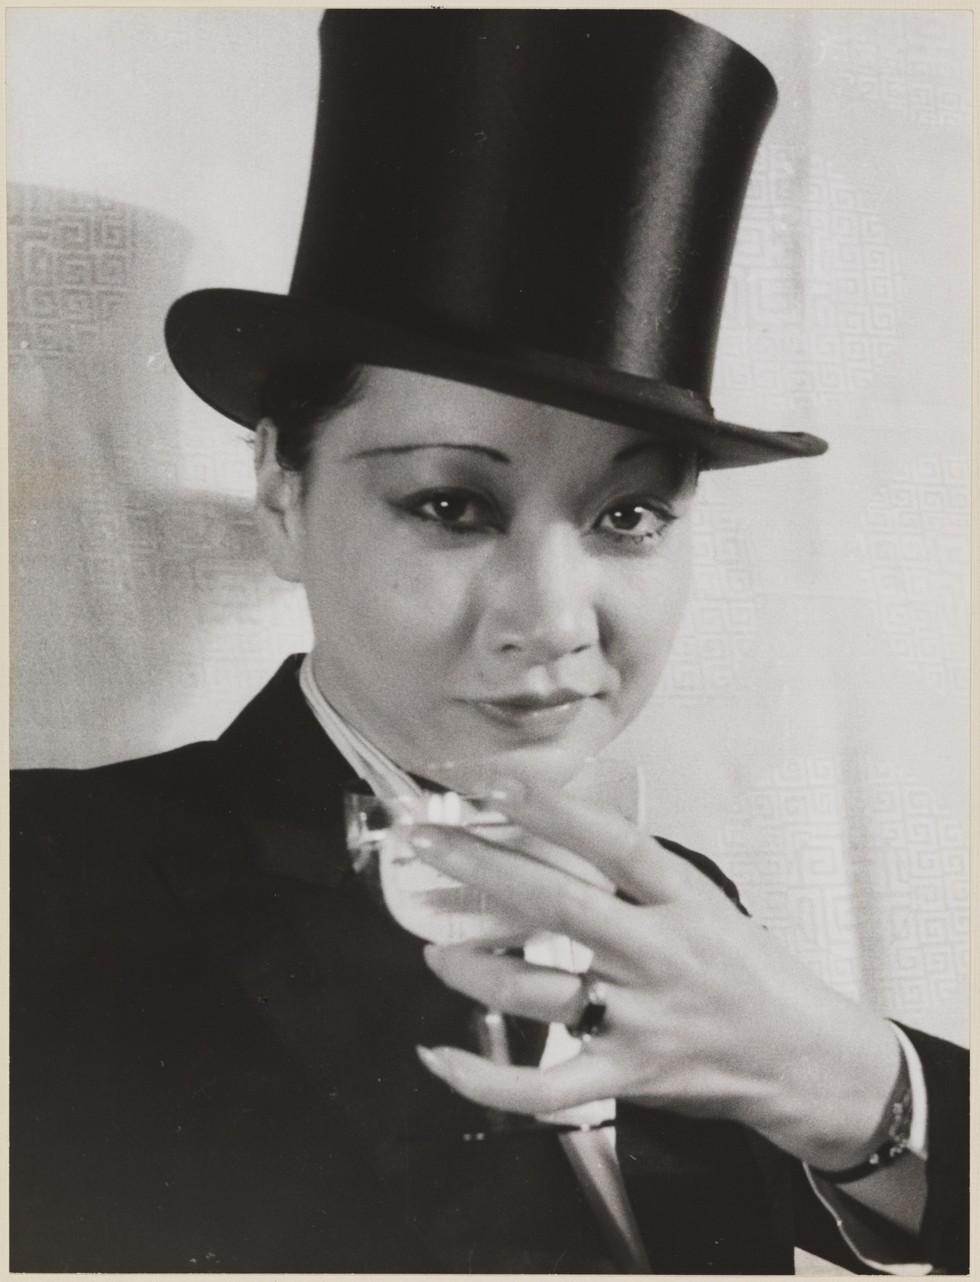 Carl Van Vechten, photo of Anna May Wong. 1932.